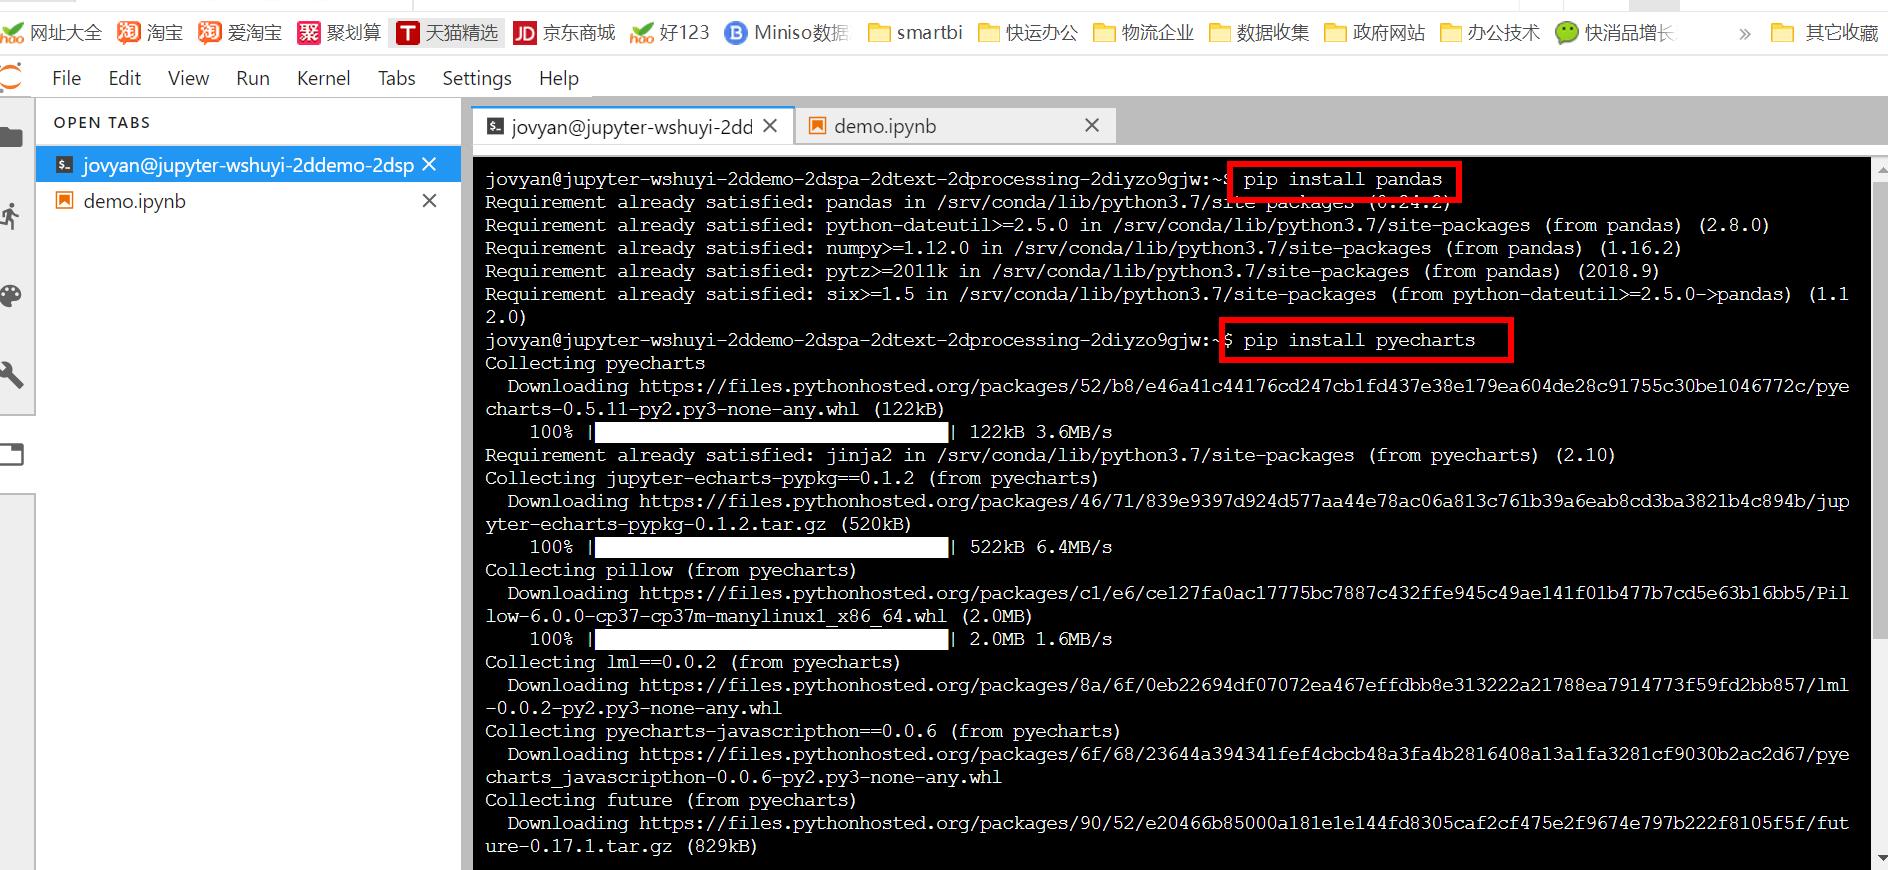 推荐一个在线Python编辑器,很强悍的在线Python编程解释器